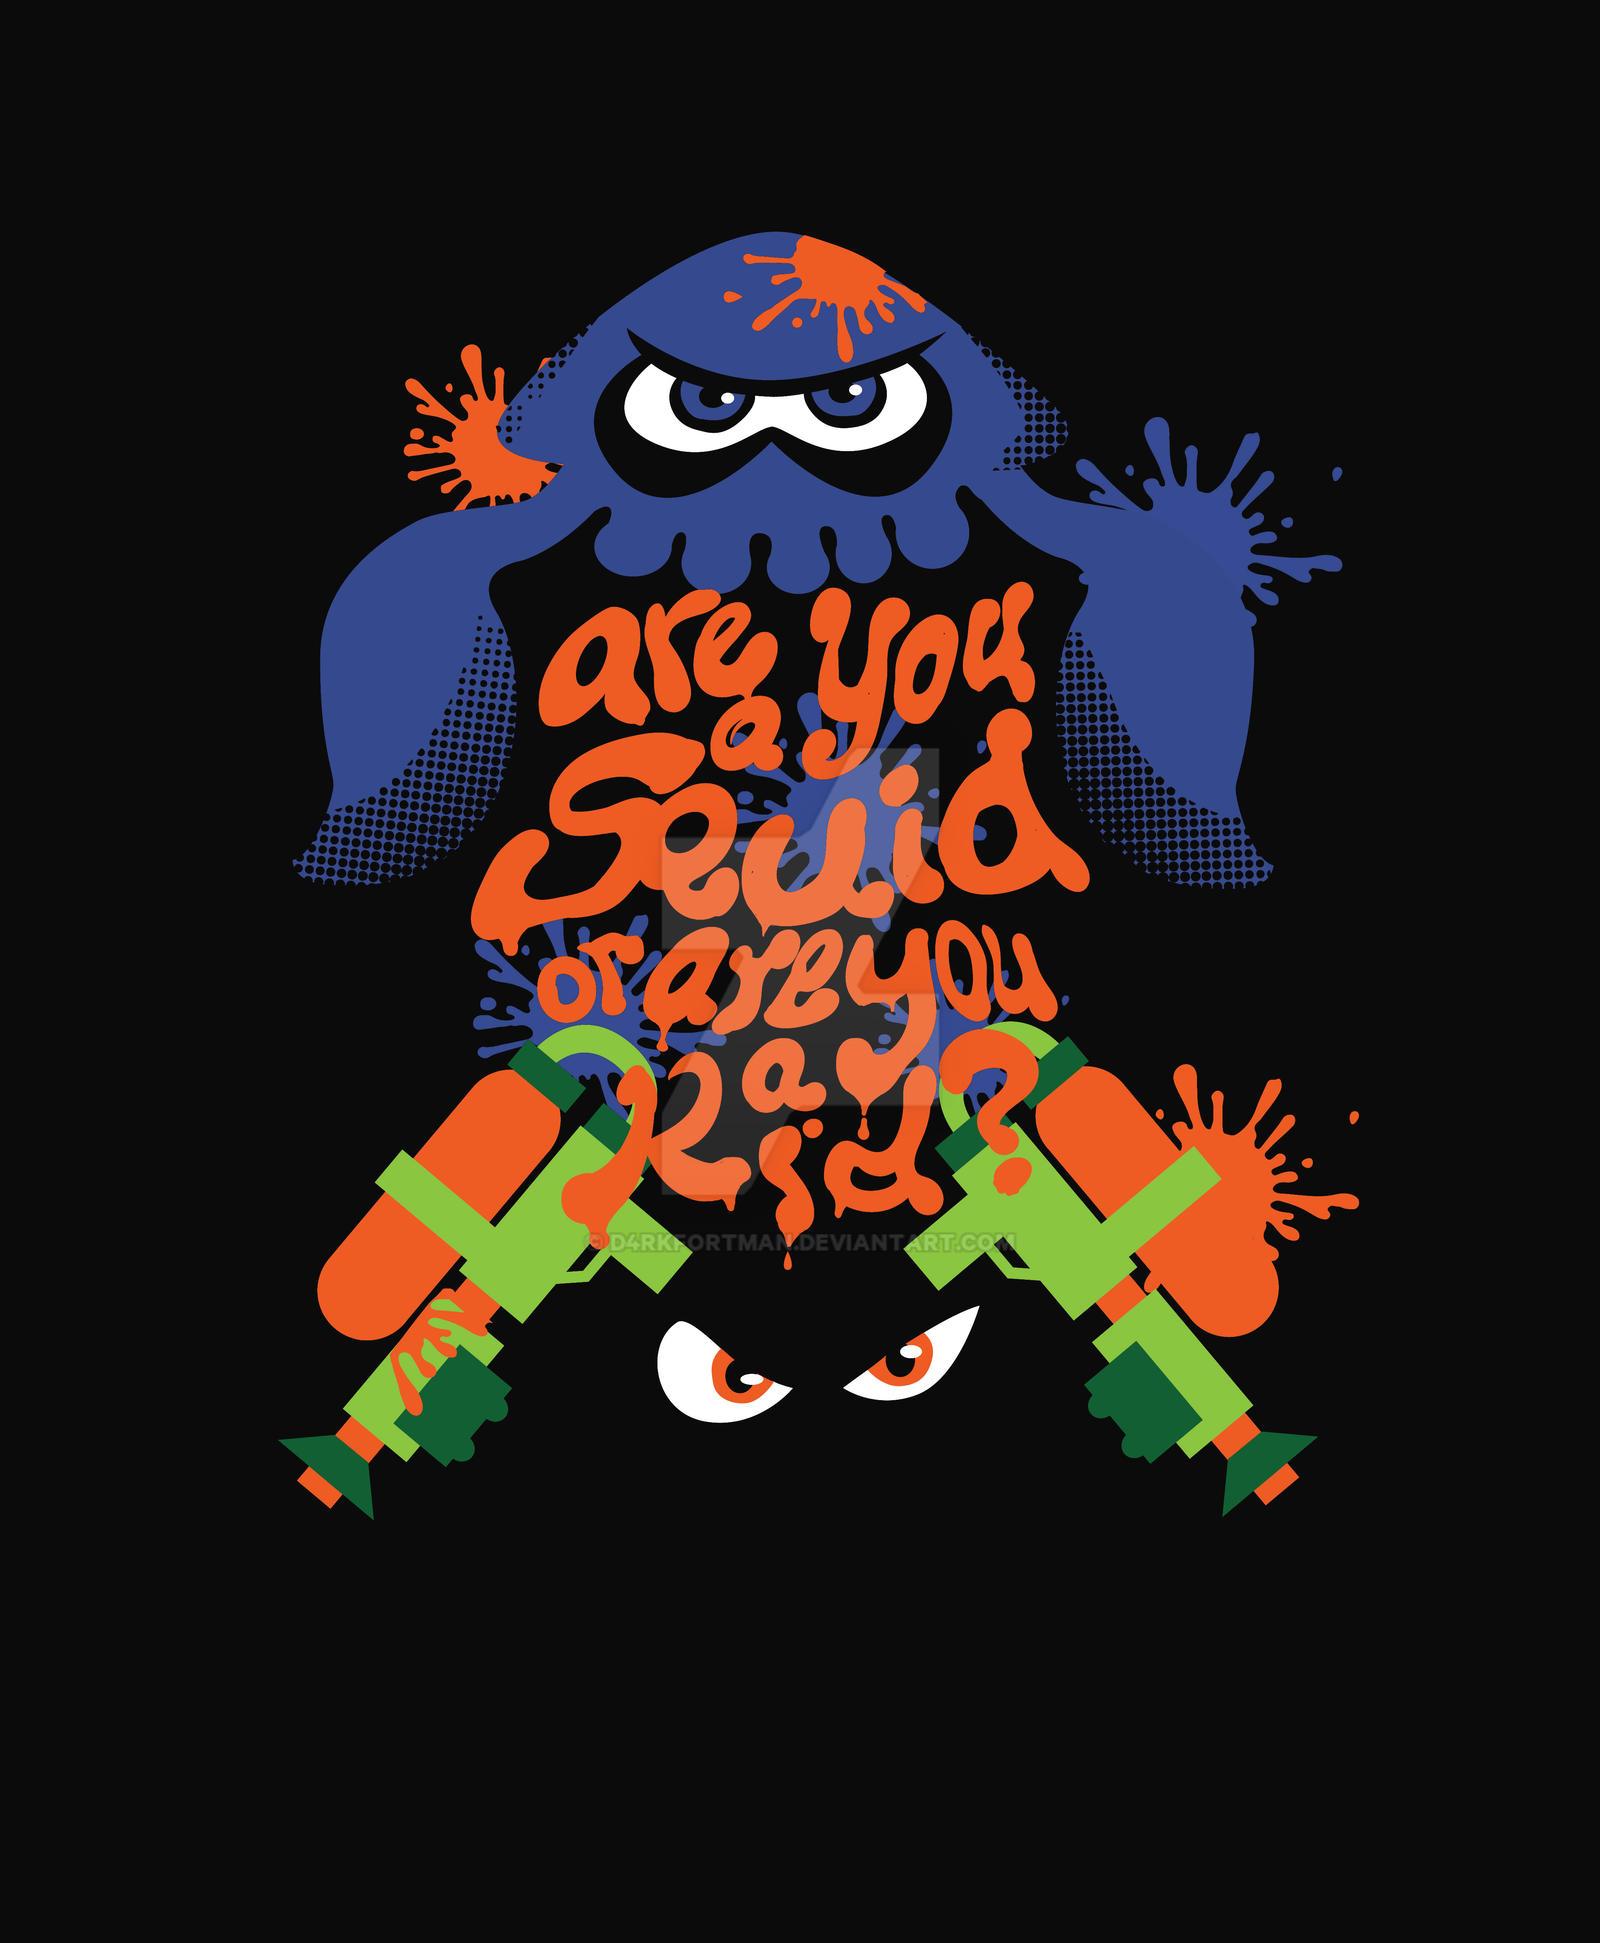 Shirt design graphics -  Splatoon T Shirt Design By D4rkfortman